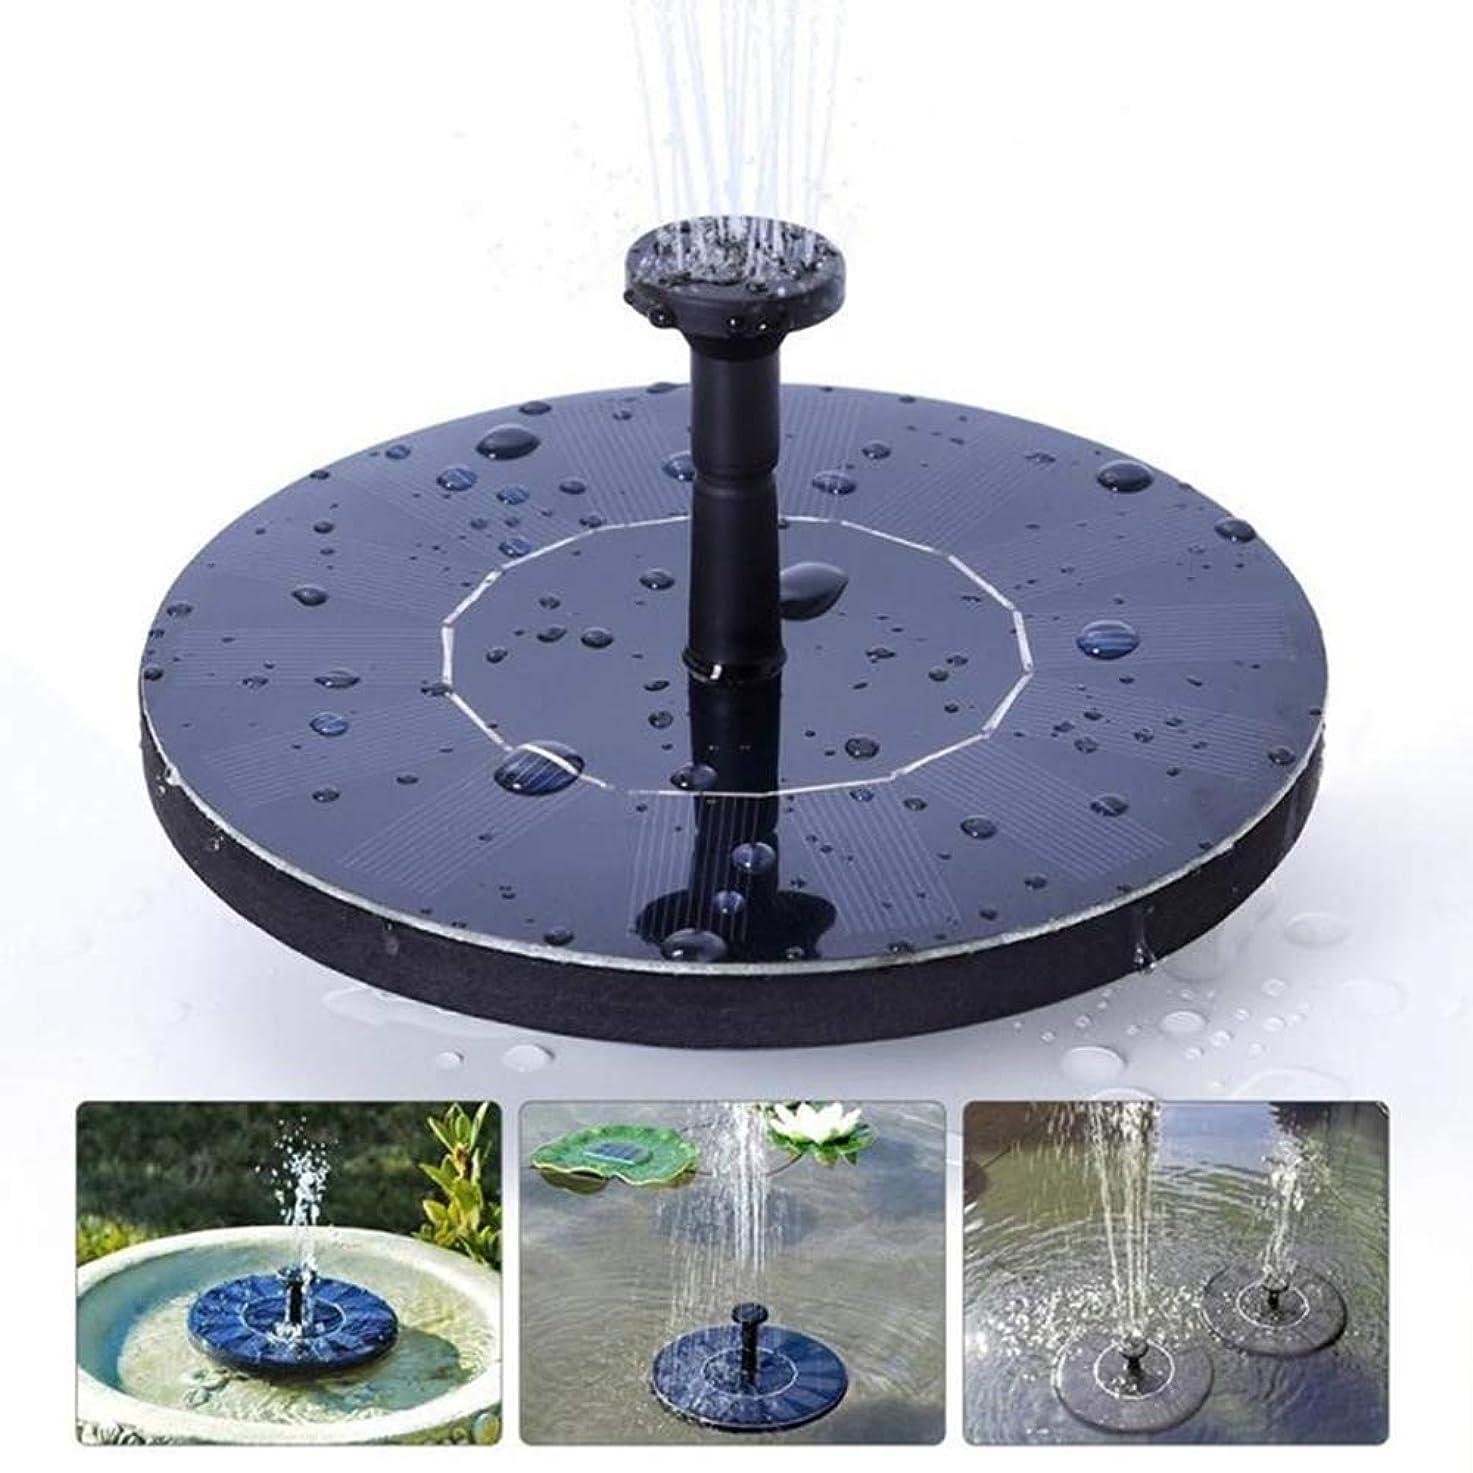 ビジター収束適性ソーラー噴水、噴水ガーデンプール、ソーラーパネルのフローティング噴水の庭の装飾噴水搭載ミニソーラー